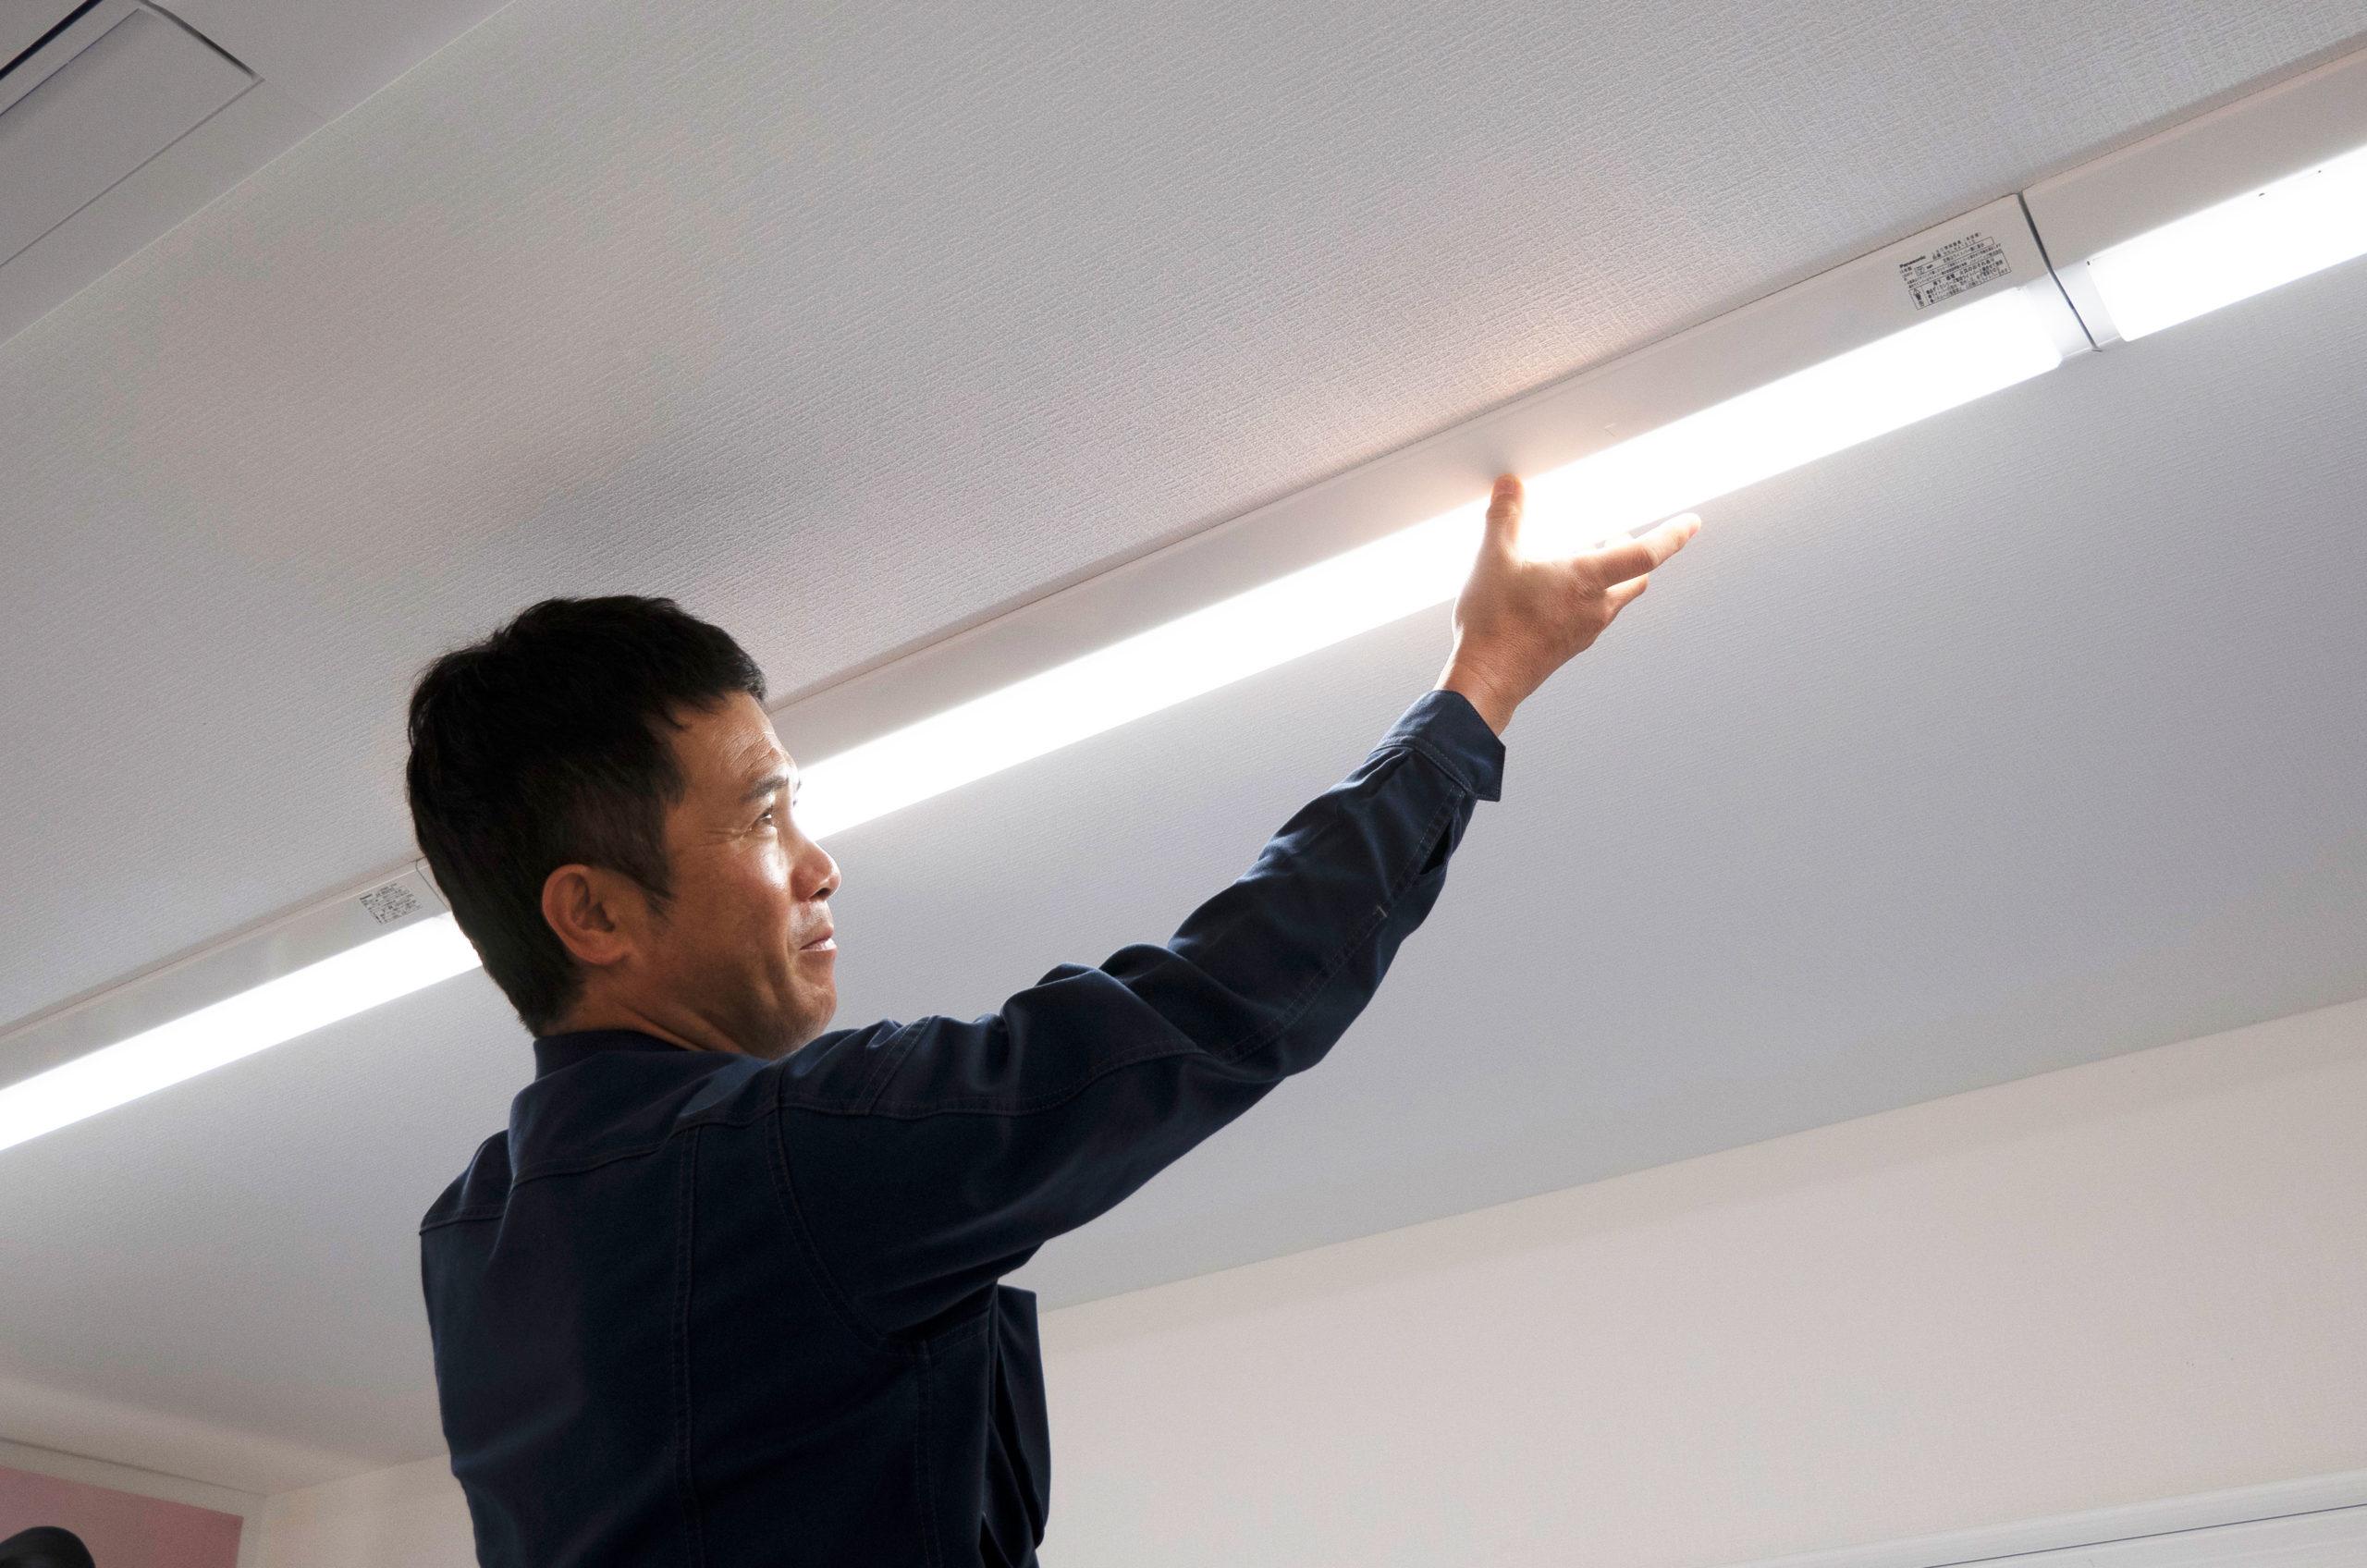 照明の修理点検をするスタッフ